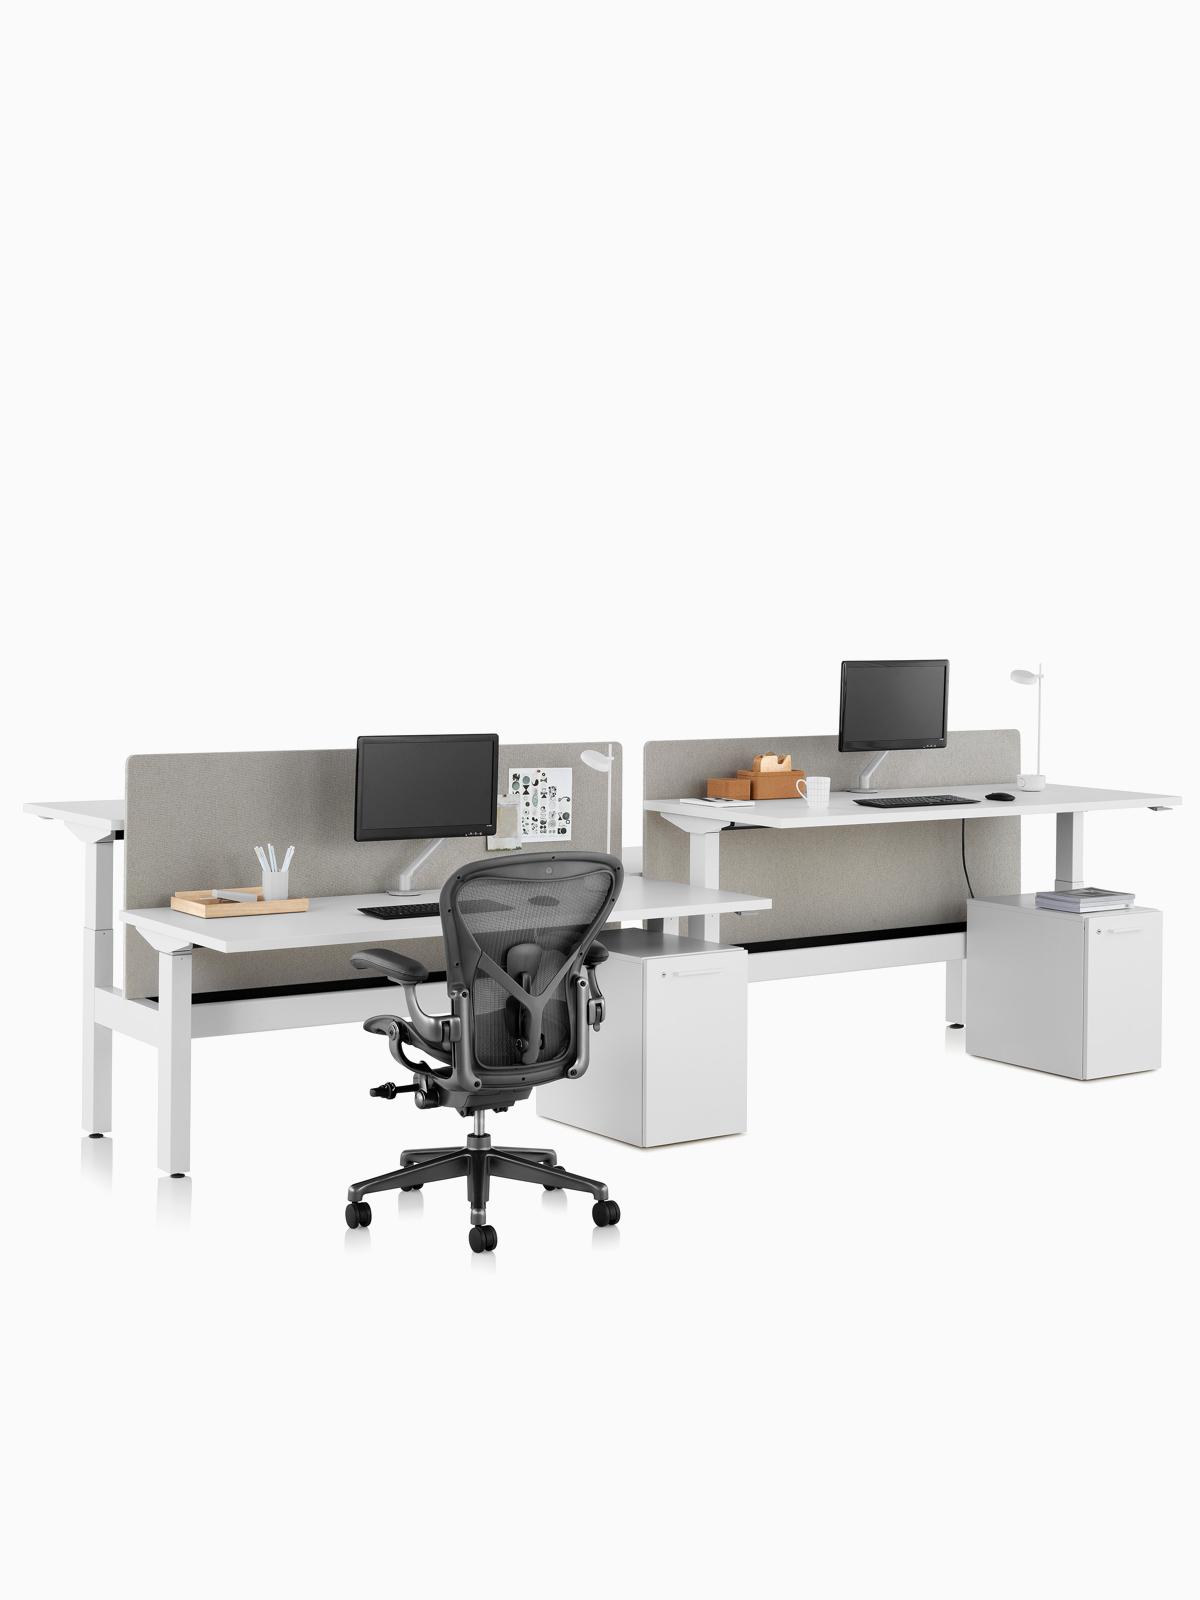 new product a6c1c 83d7b Desks - Herman Miller